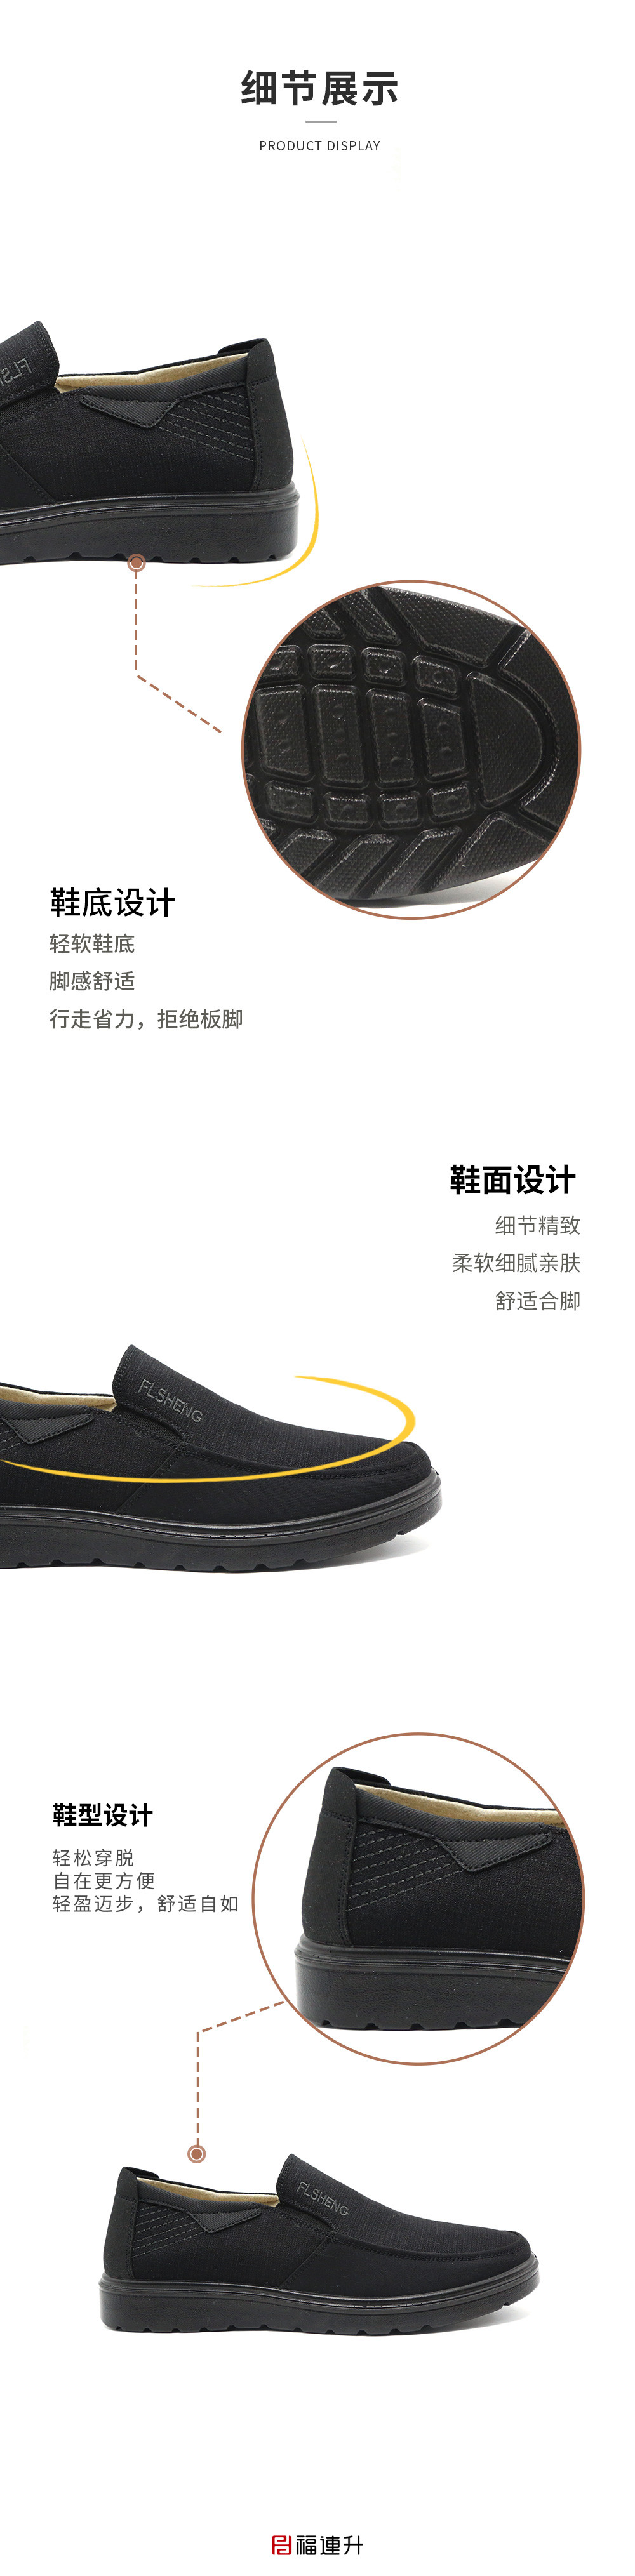 福连升老北京布鞋男春秋中老年爸爸休闲鞋宽松舒适透气软底单鞋图片